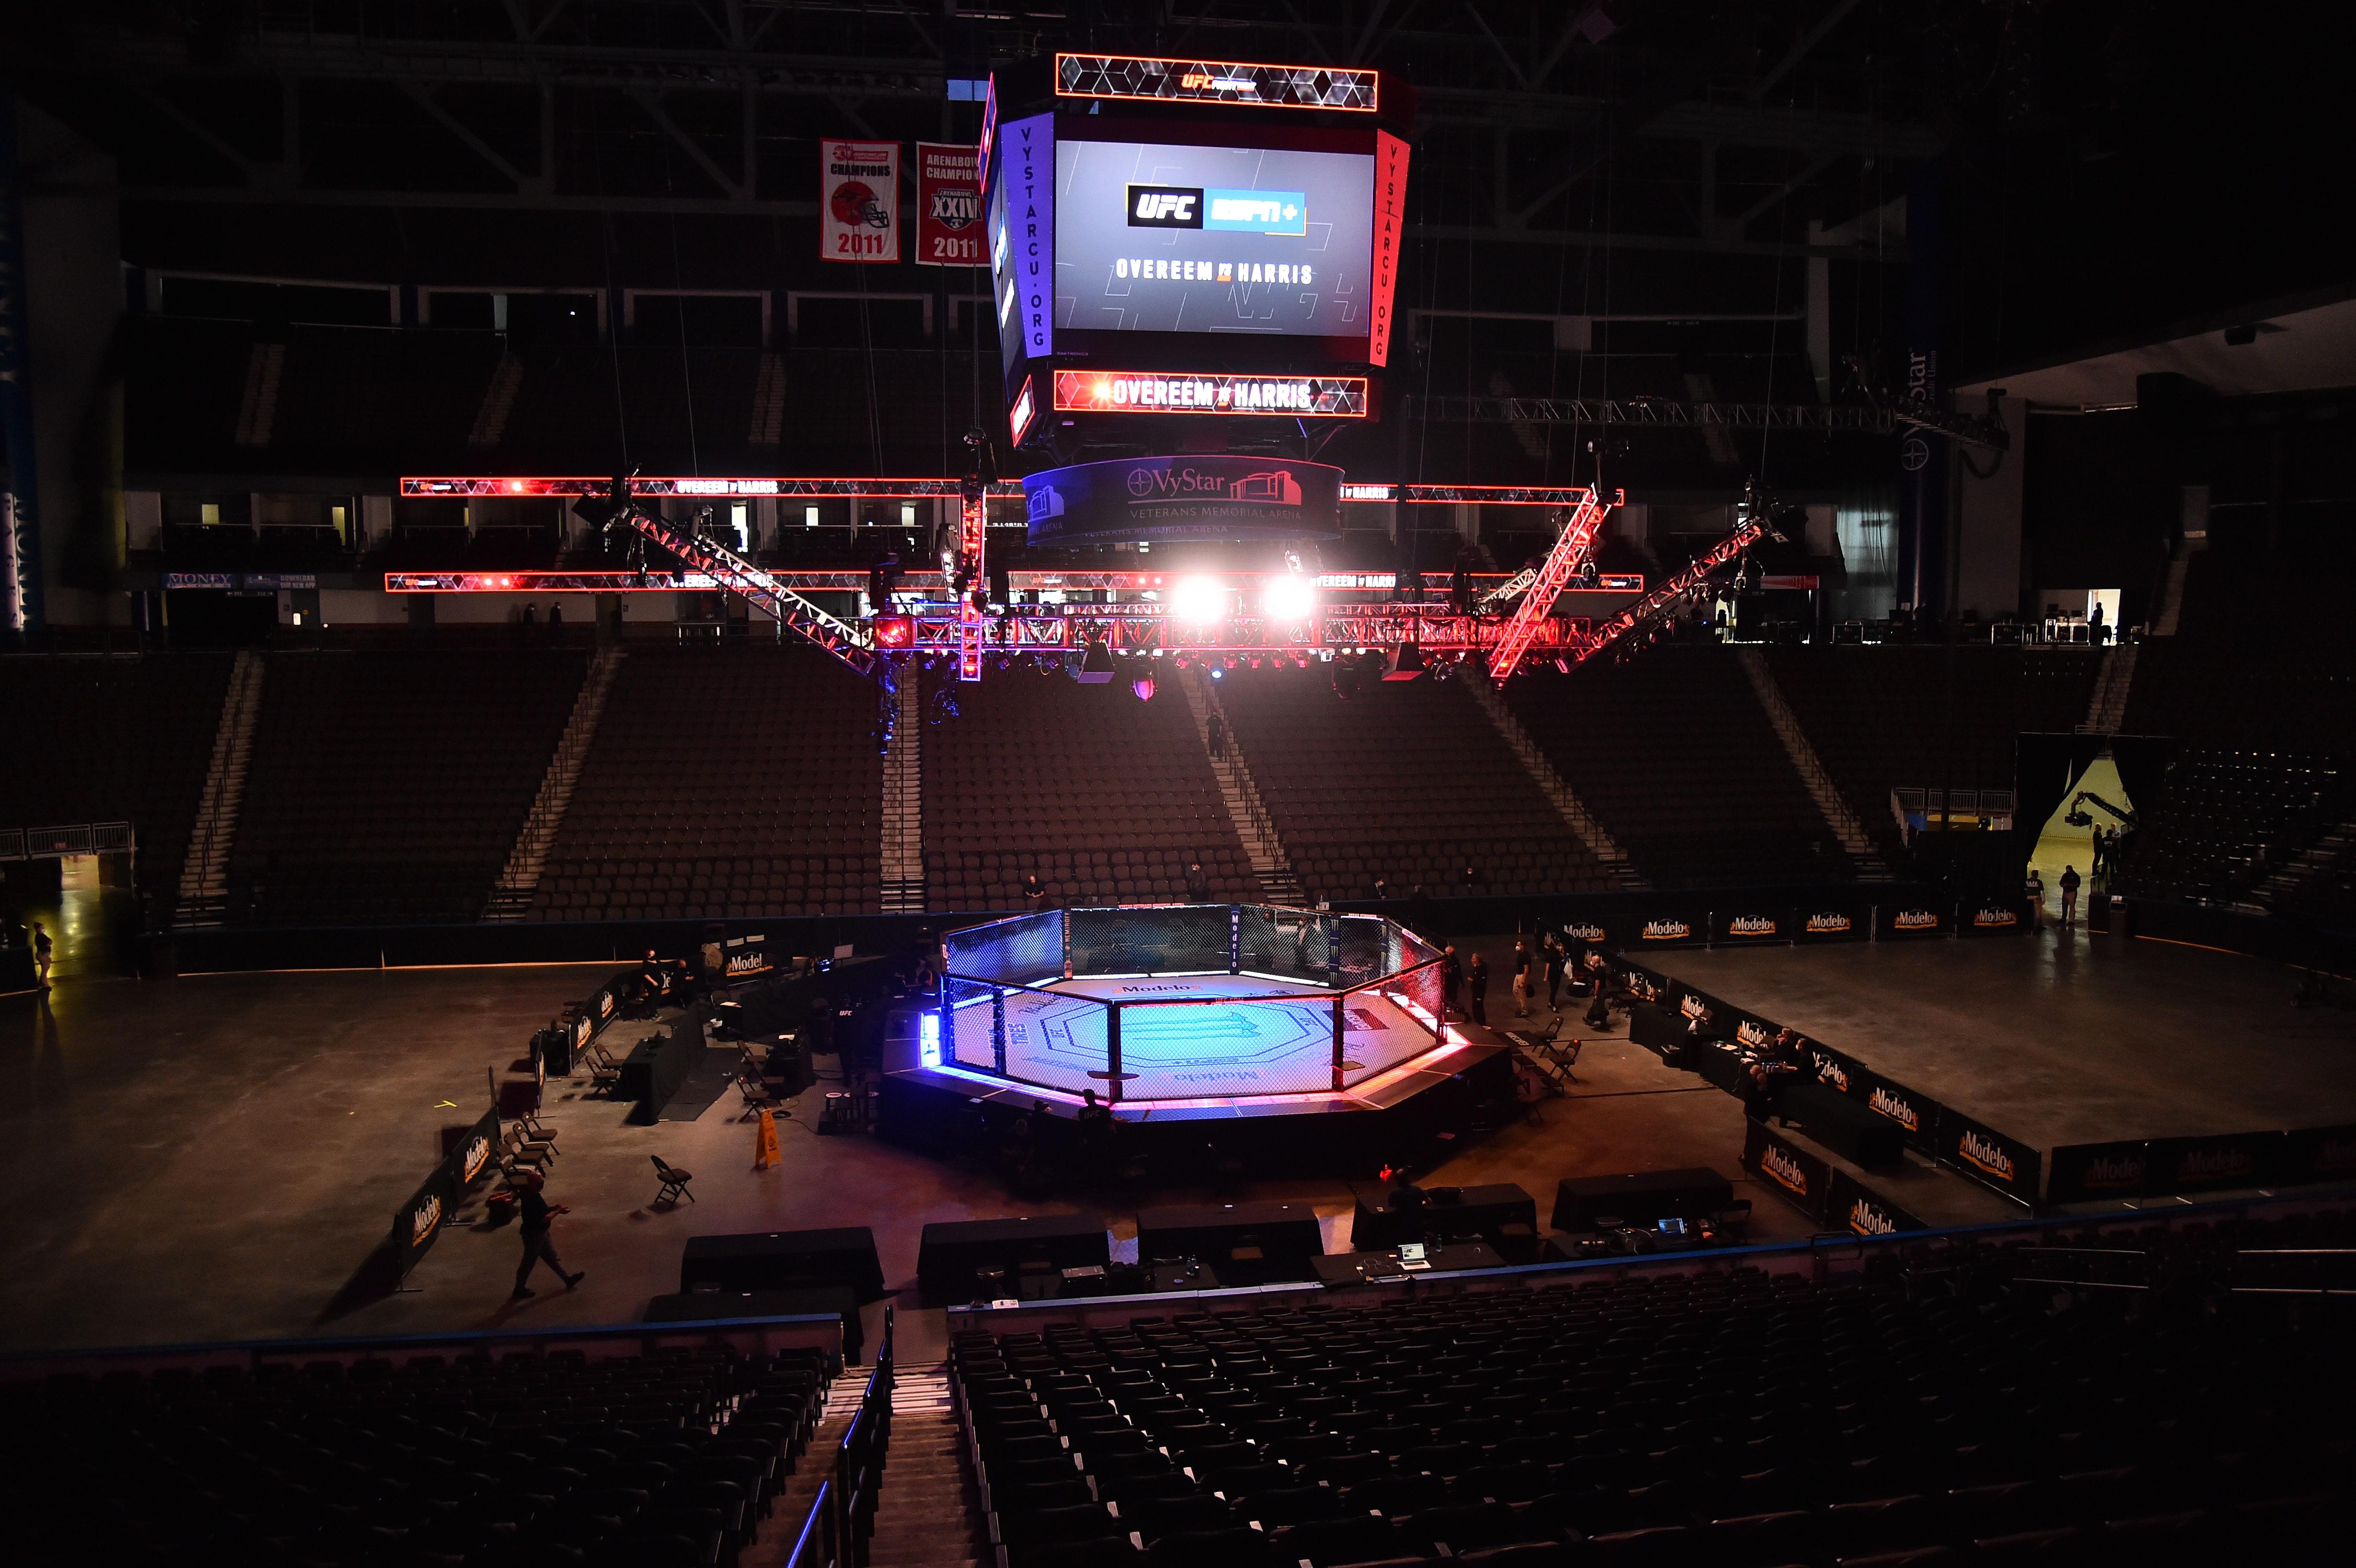 全景式八角形UFC前在ESPN在VyStar退伍军人纪念竞技场。